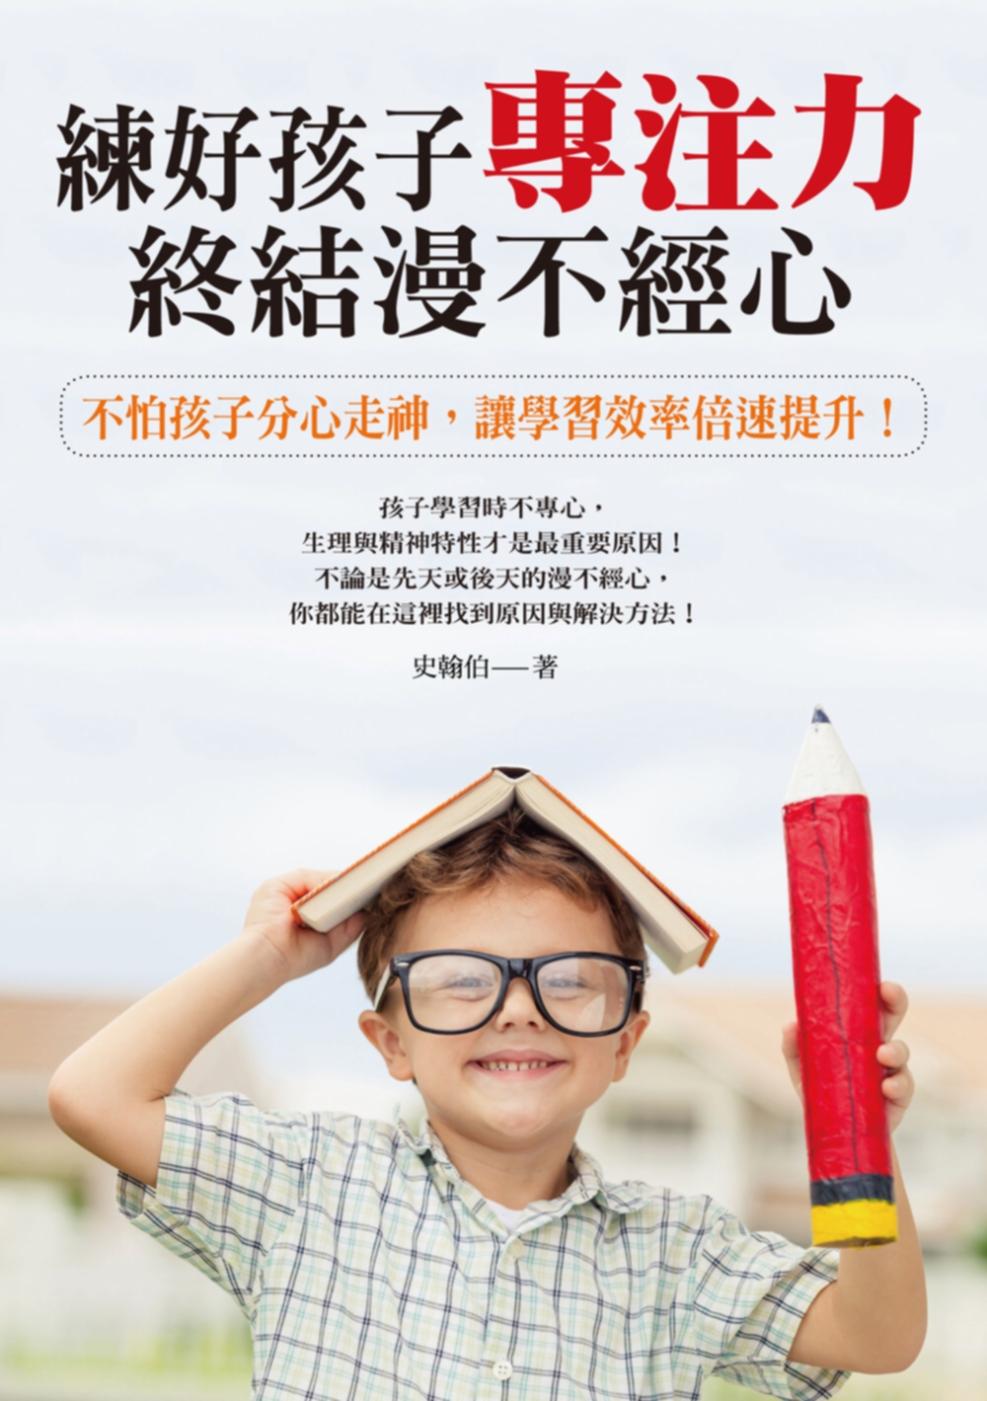 練好孩子專注力,終結漫不經心:不怕孩子分心走神,讓學習效率倍速提升!